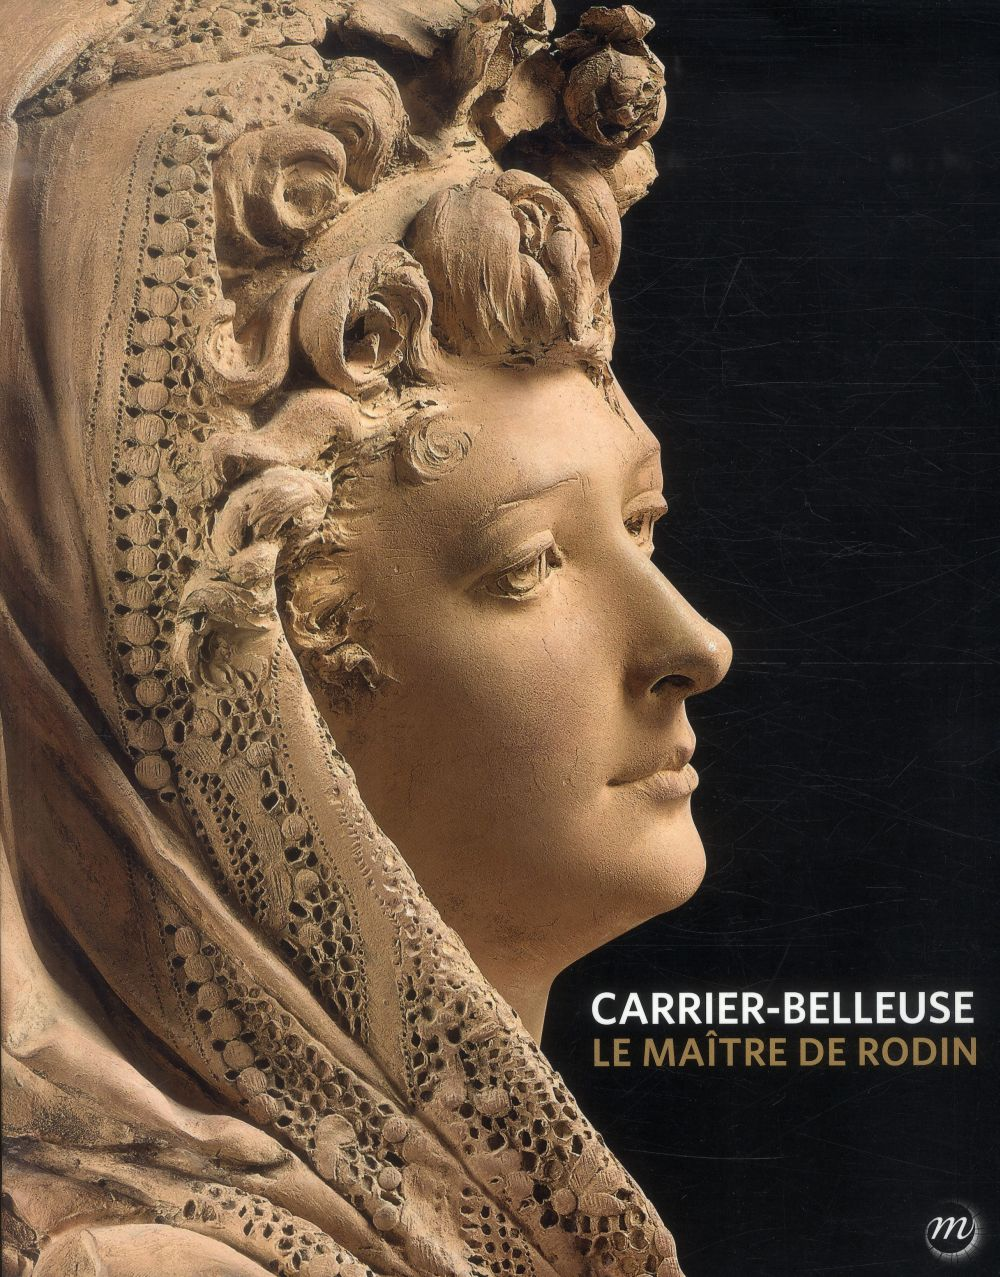 CARRIER-BELLEUSE LE MAITRE DE RODIN